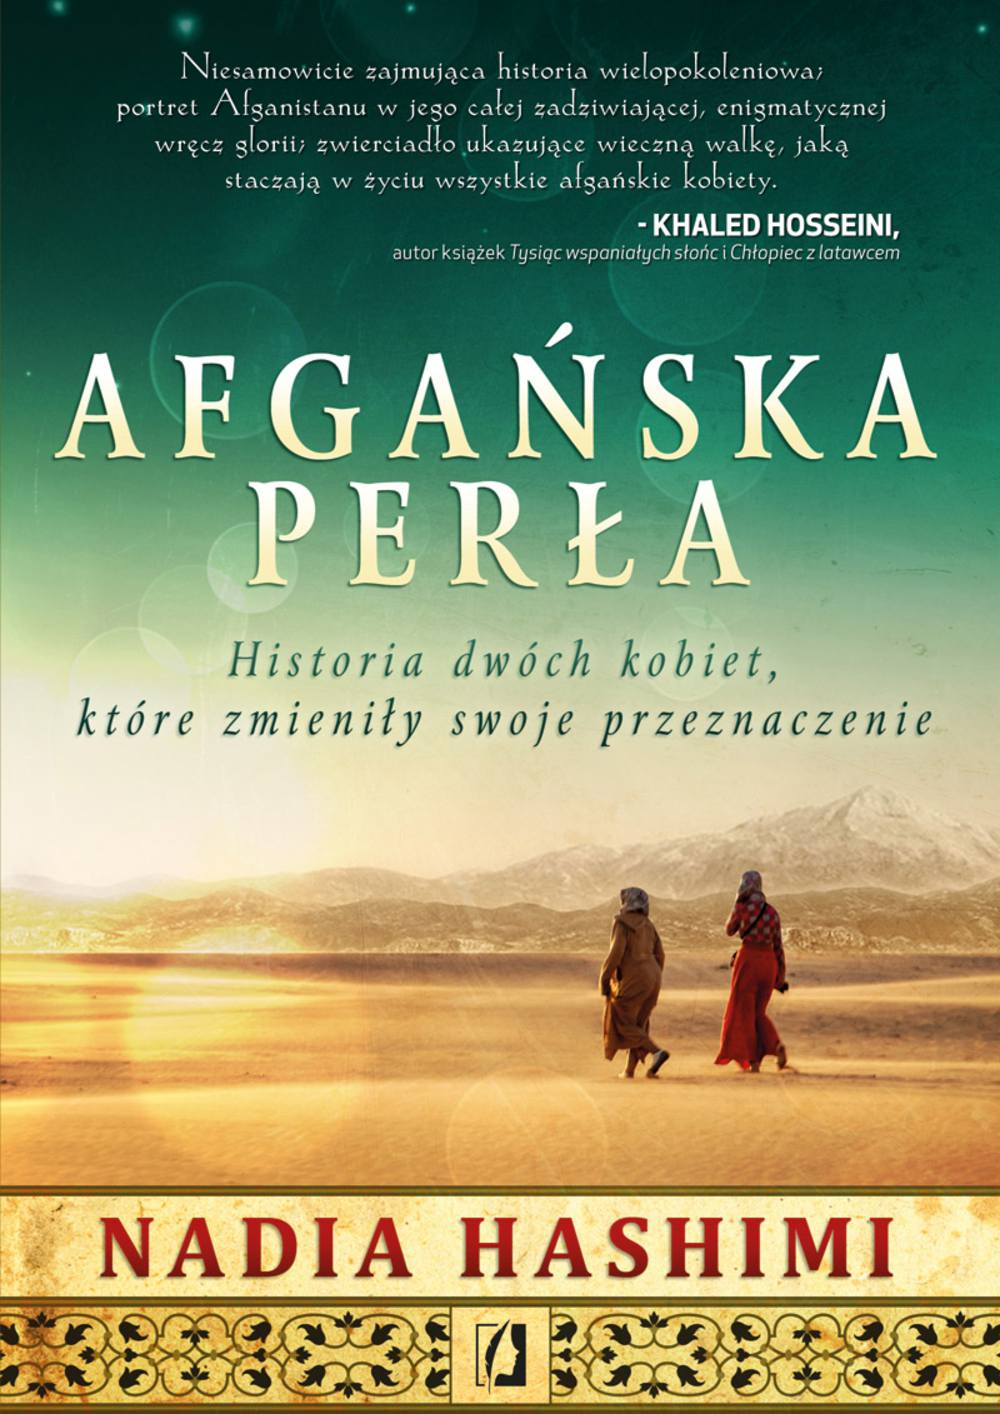 Afgańska perła. Historia dwóch kobiet, które zmieniły swoje przeznaczenie - Ebook (Książka EPUB) do pobrania w formacie EPUB